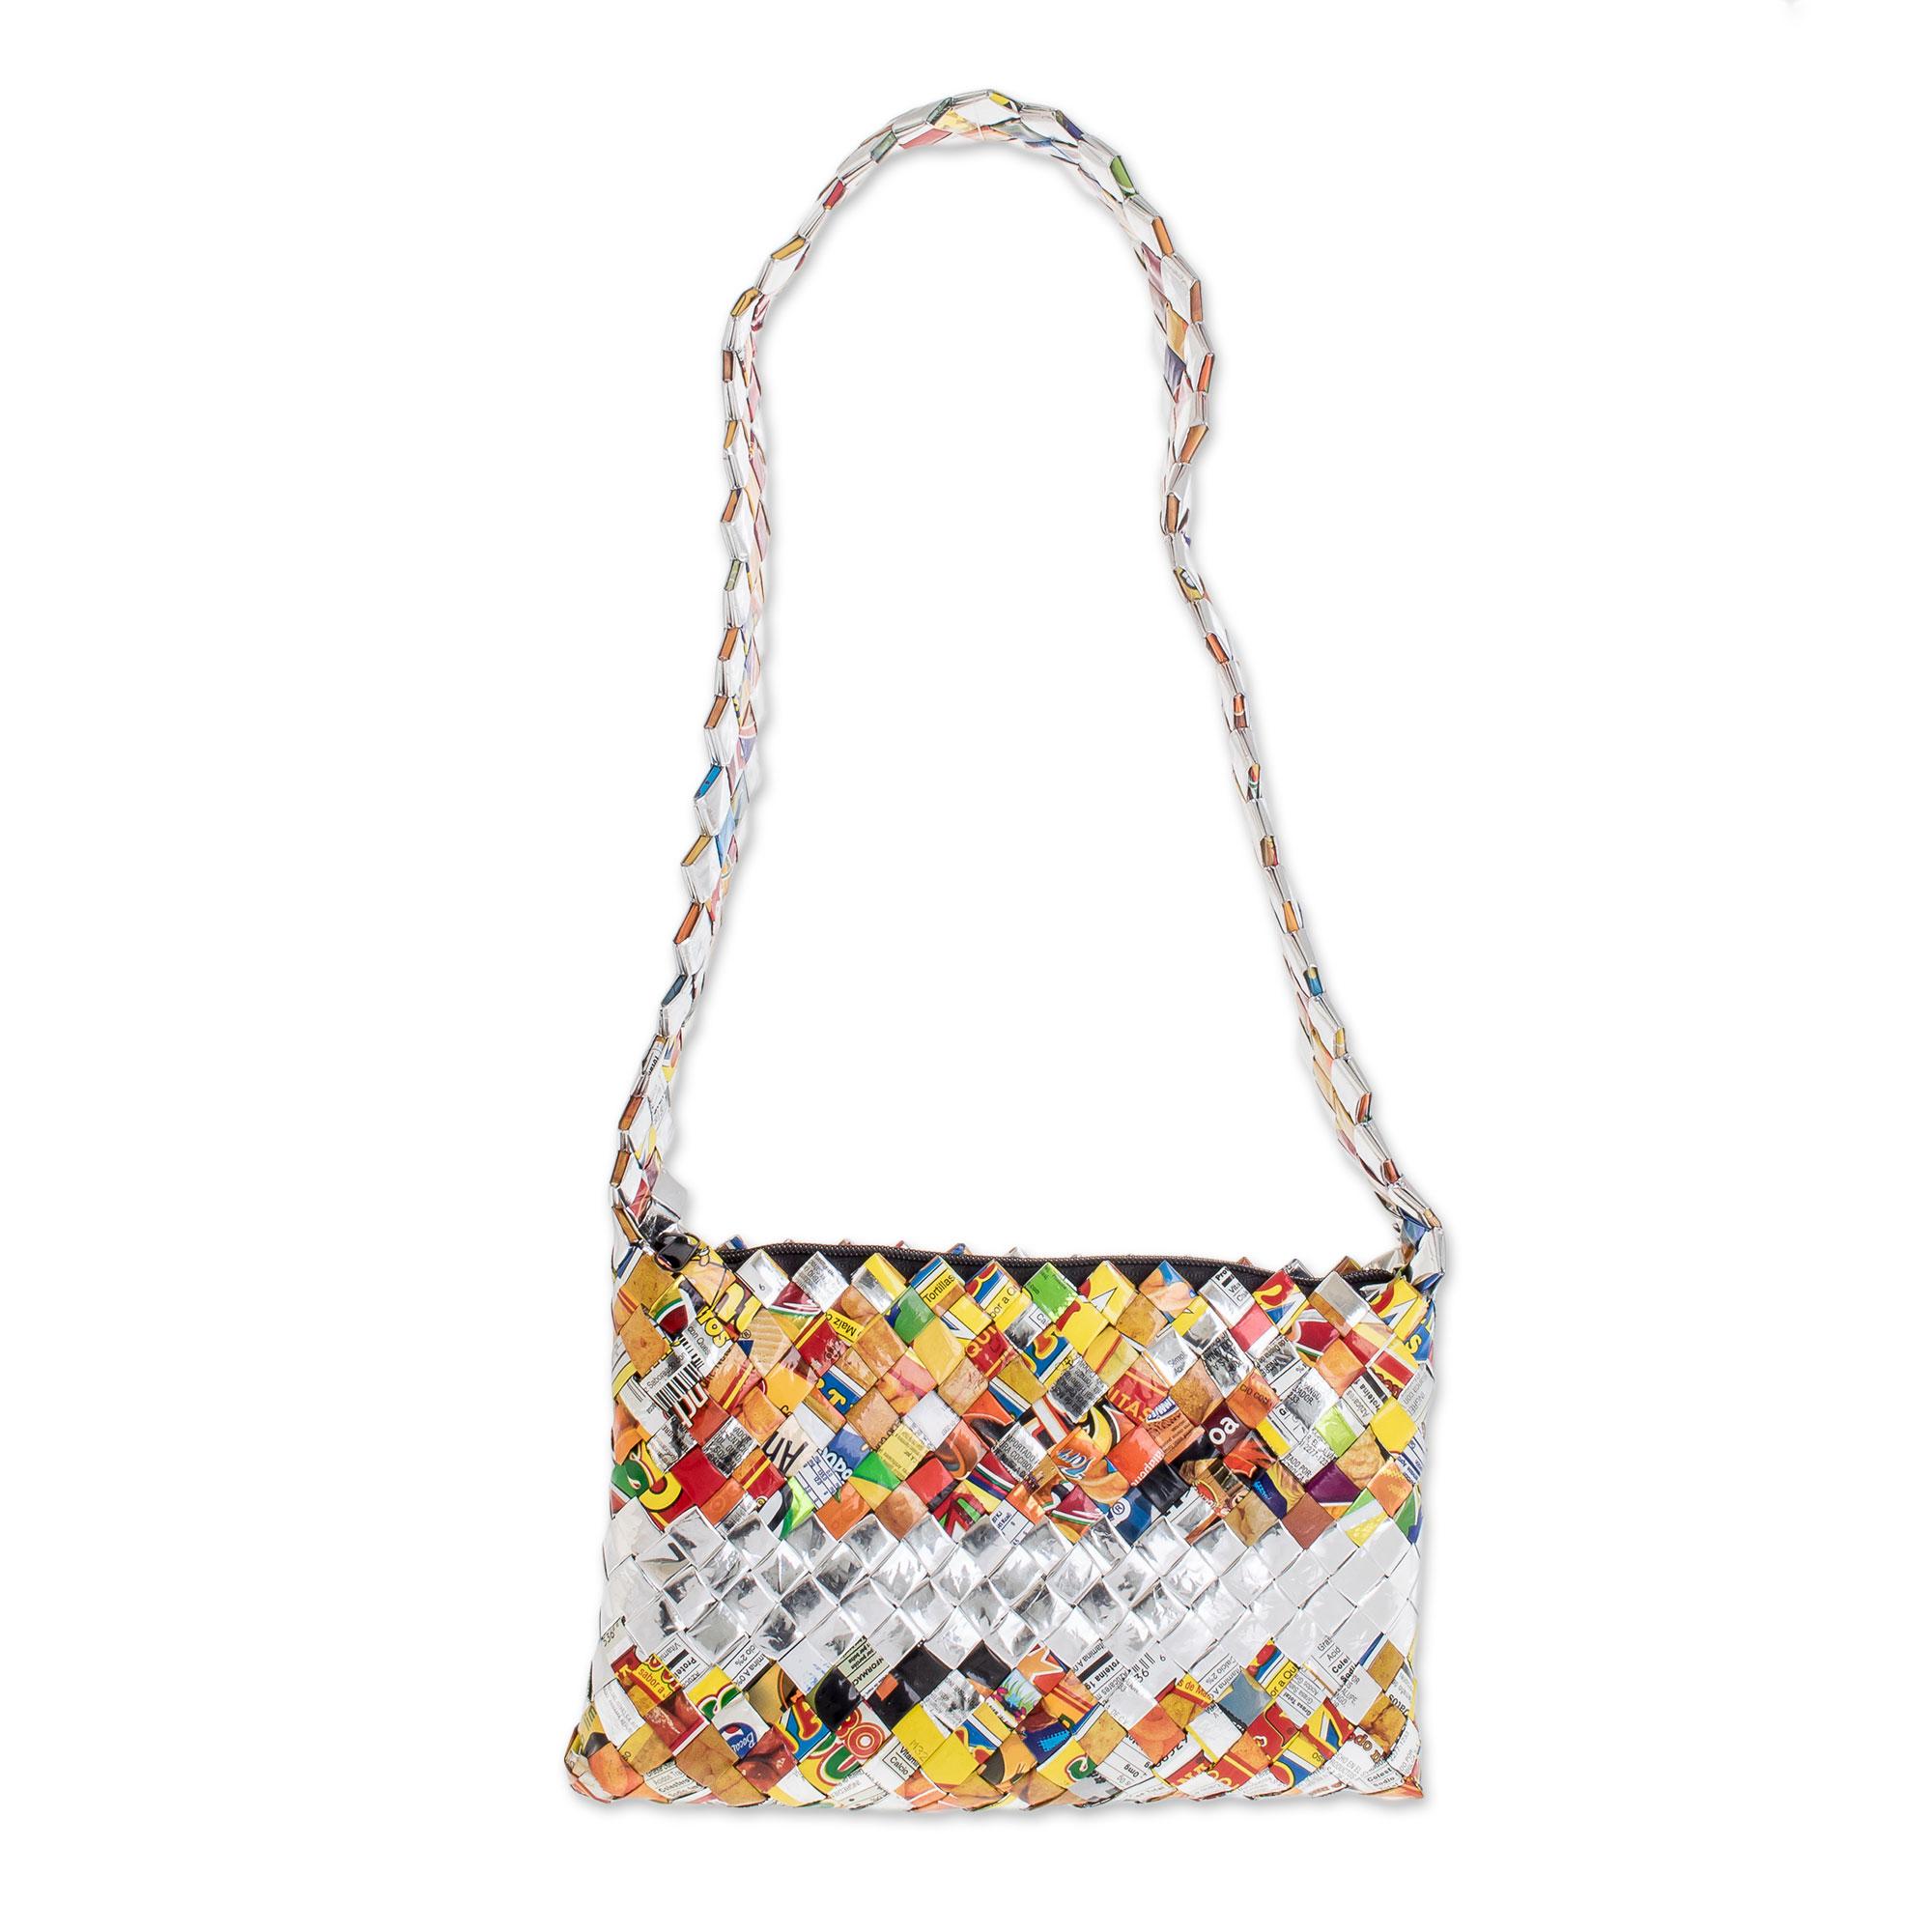 Novica Recycled metalized wrapper shoulder bag, Celebration - Unique Recycled Shoulder Bag